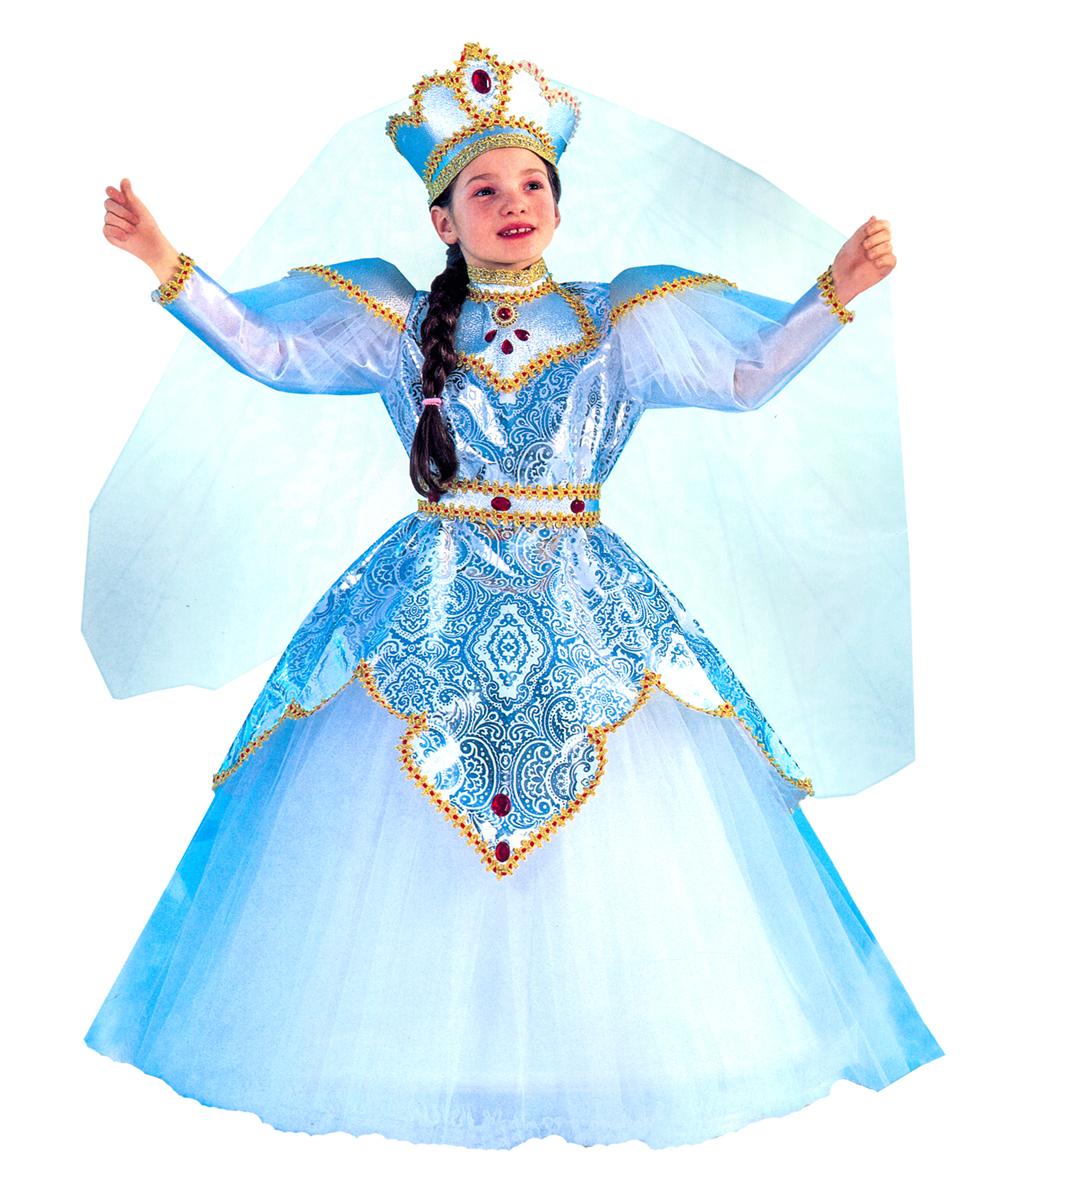 Rio Карнавальный костюм для девочки Царевна цвет белый размер 28 (3-4 года) -  Карнавальные костюмы и аксессуары